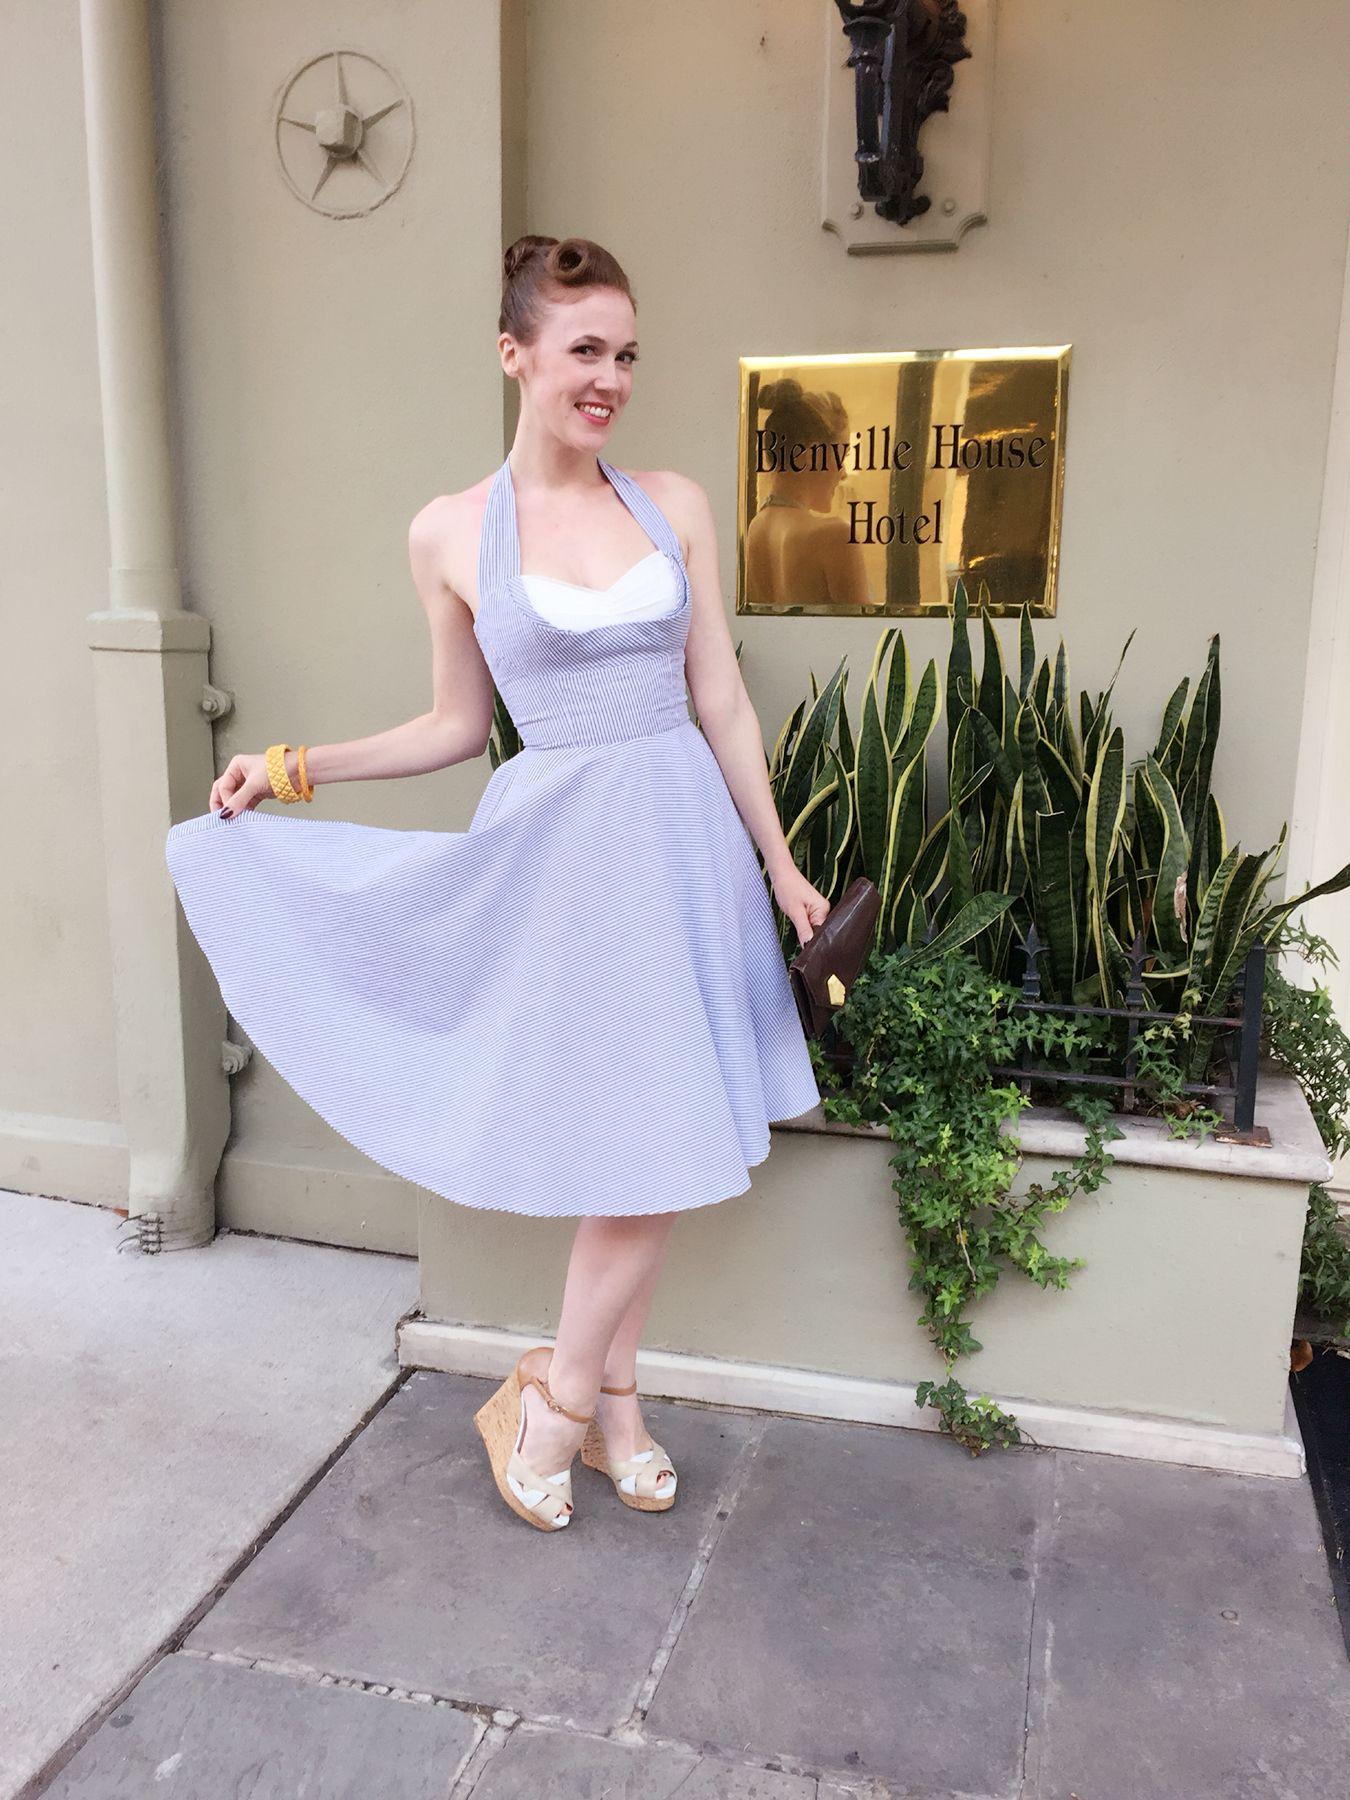 Emily is fabulous in the Seersucker Lena Dress! #trashydiva #trashydivaseersucker #trashydivalenadress